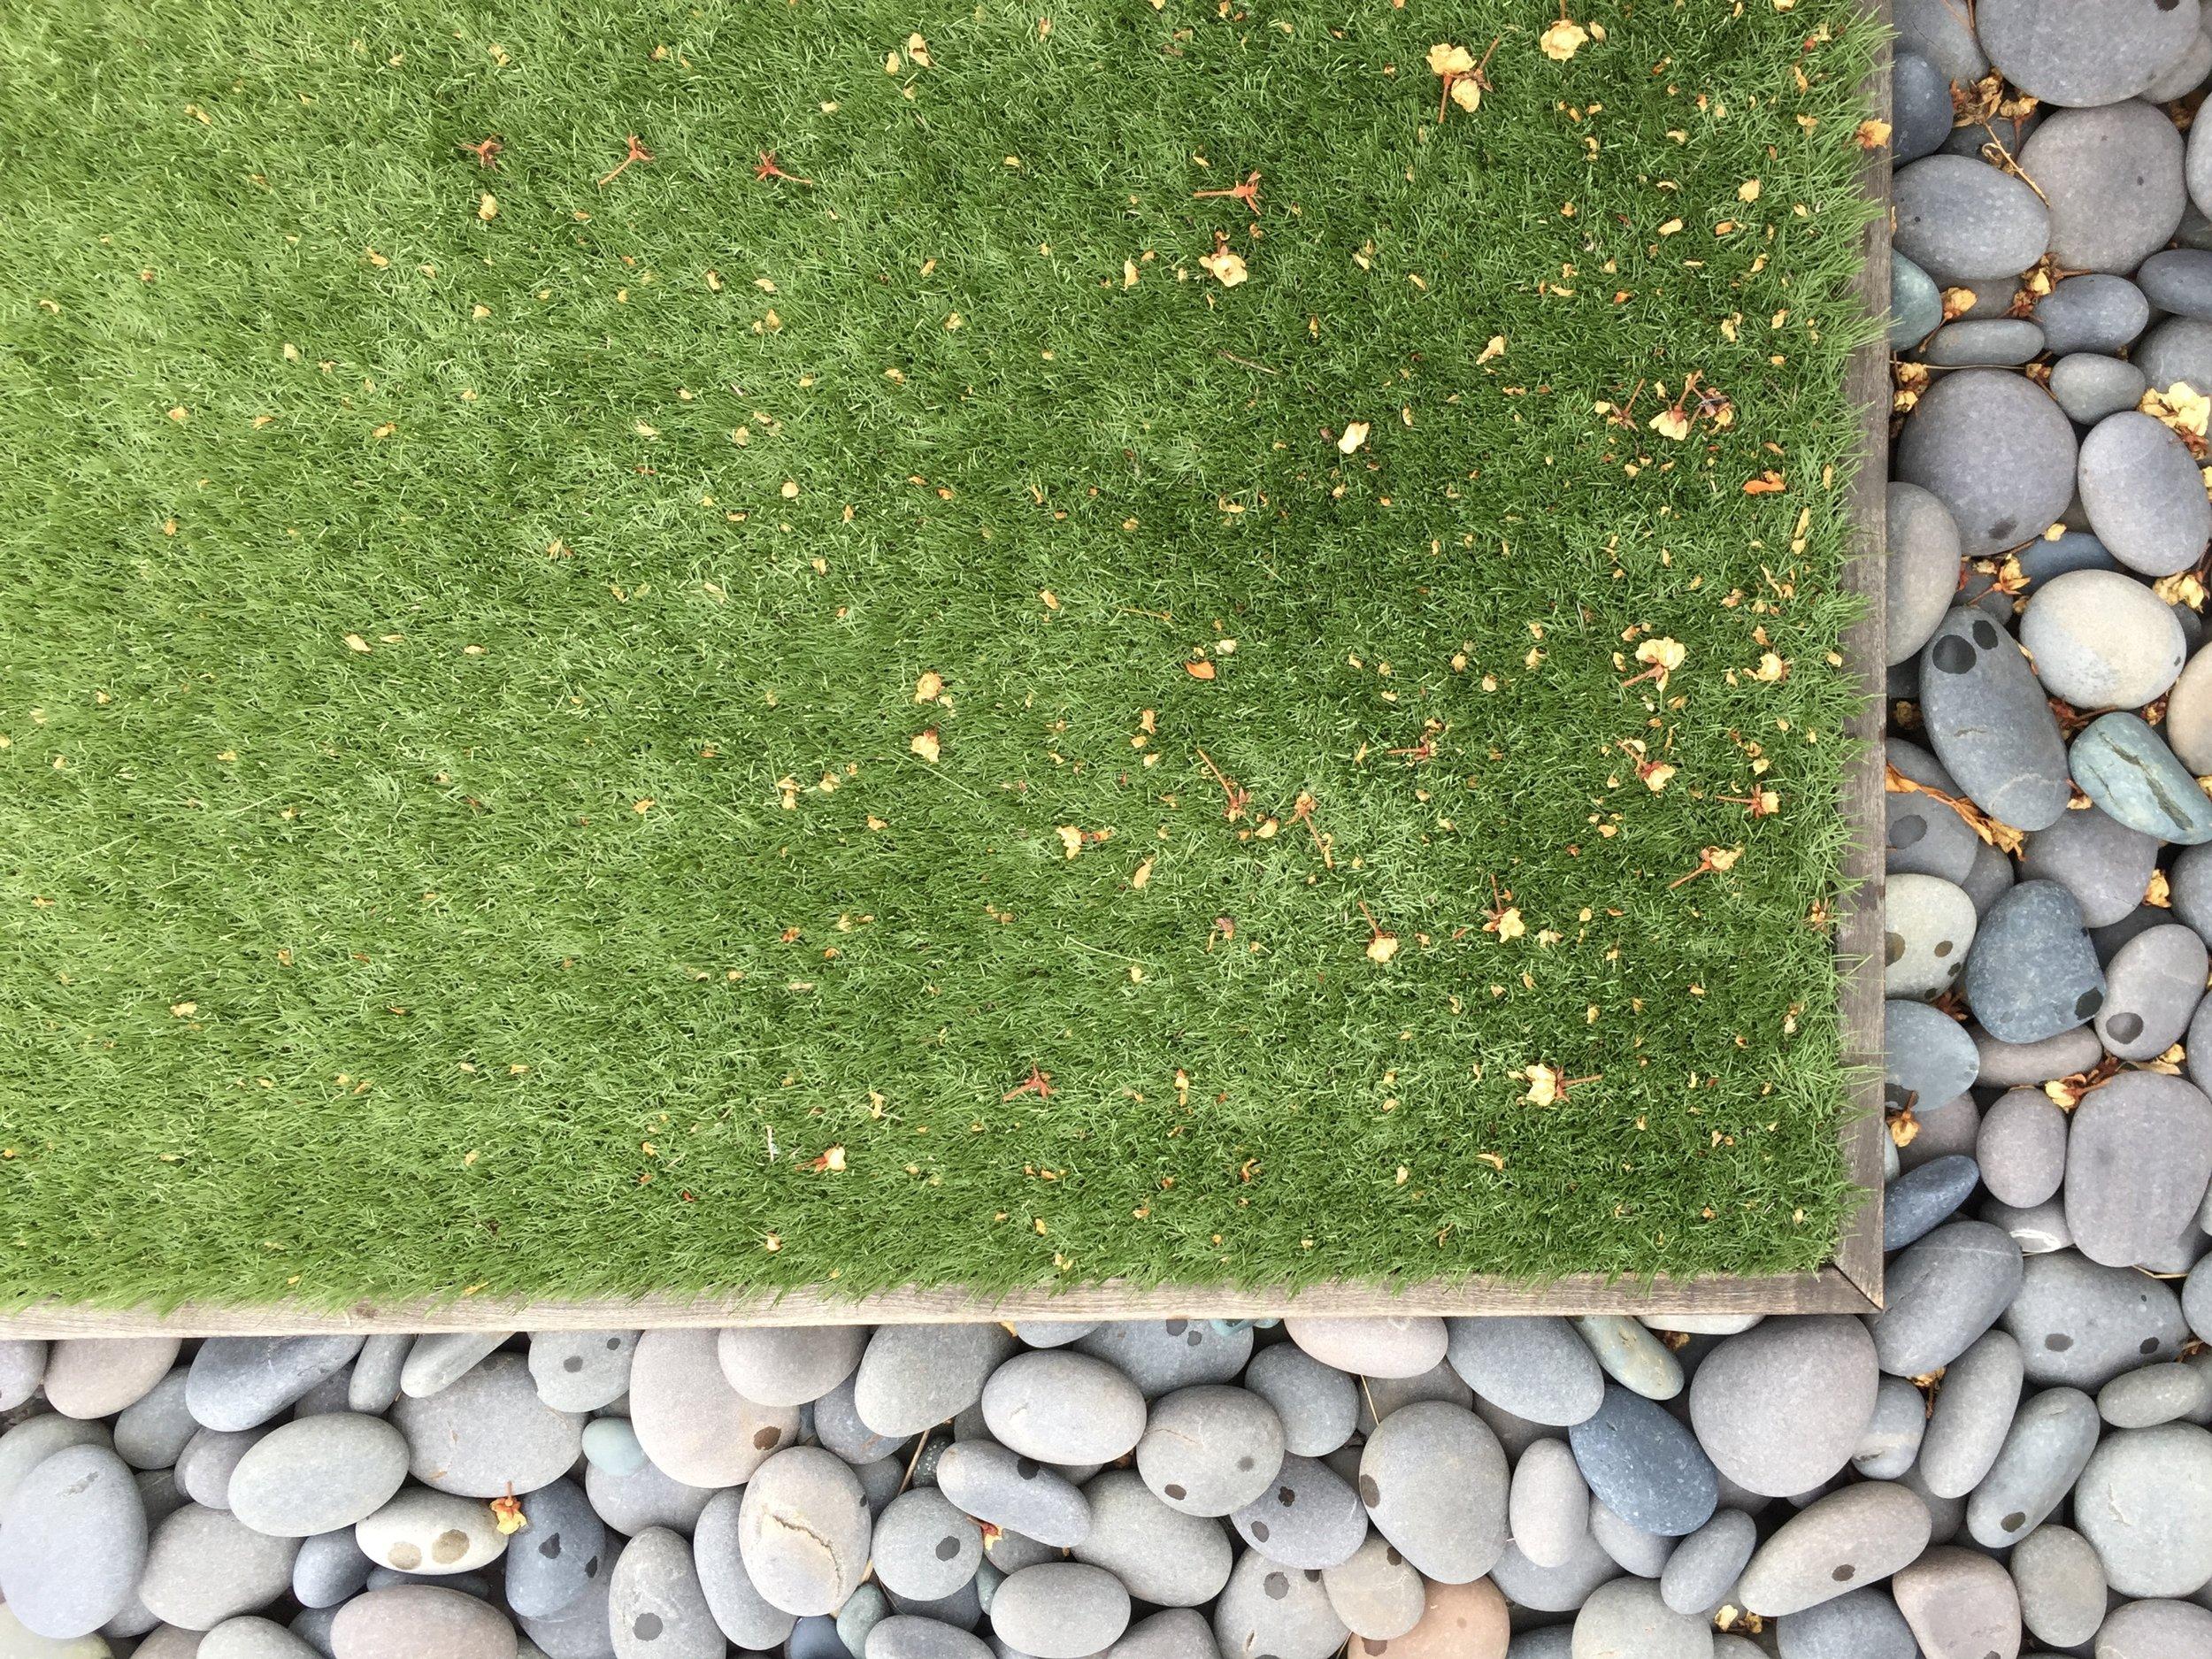 SYN Lawn